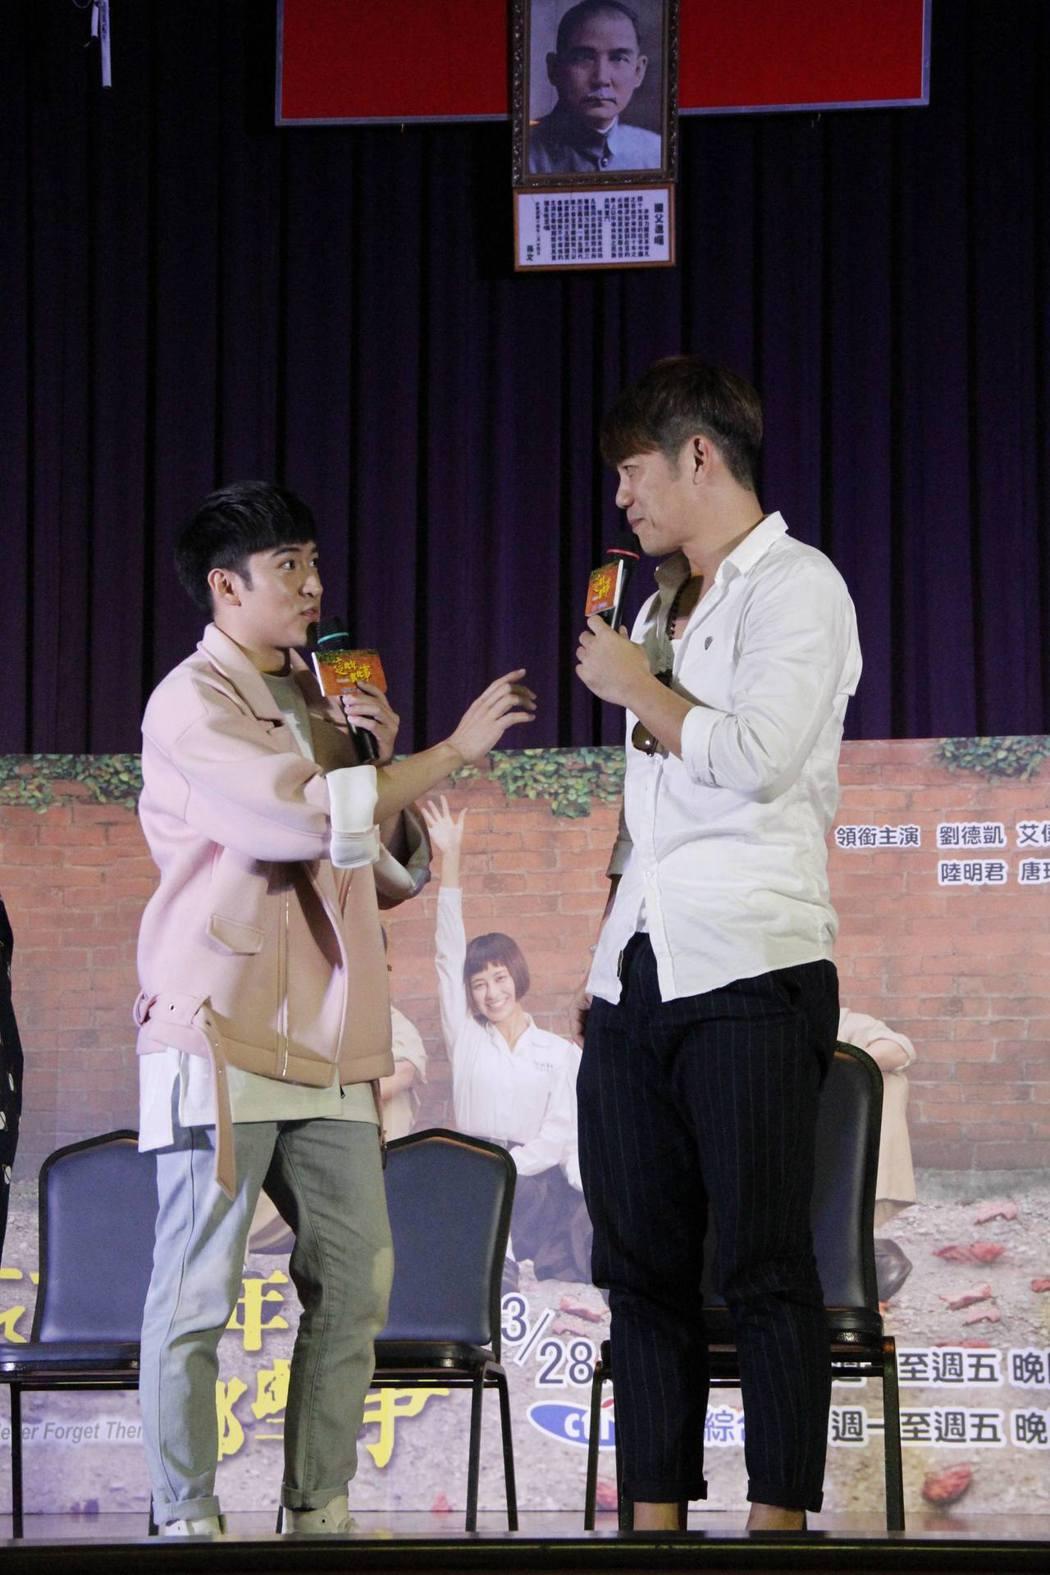 沈建宏(左)和陳志強 。圖/中天提供